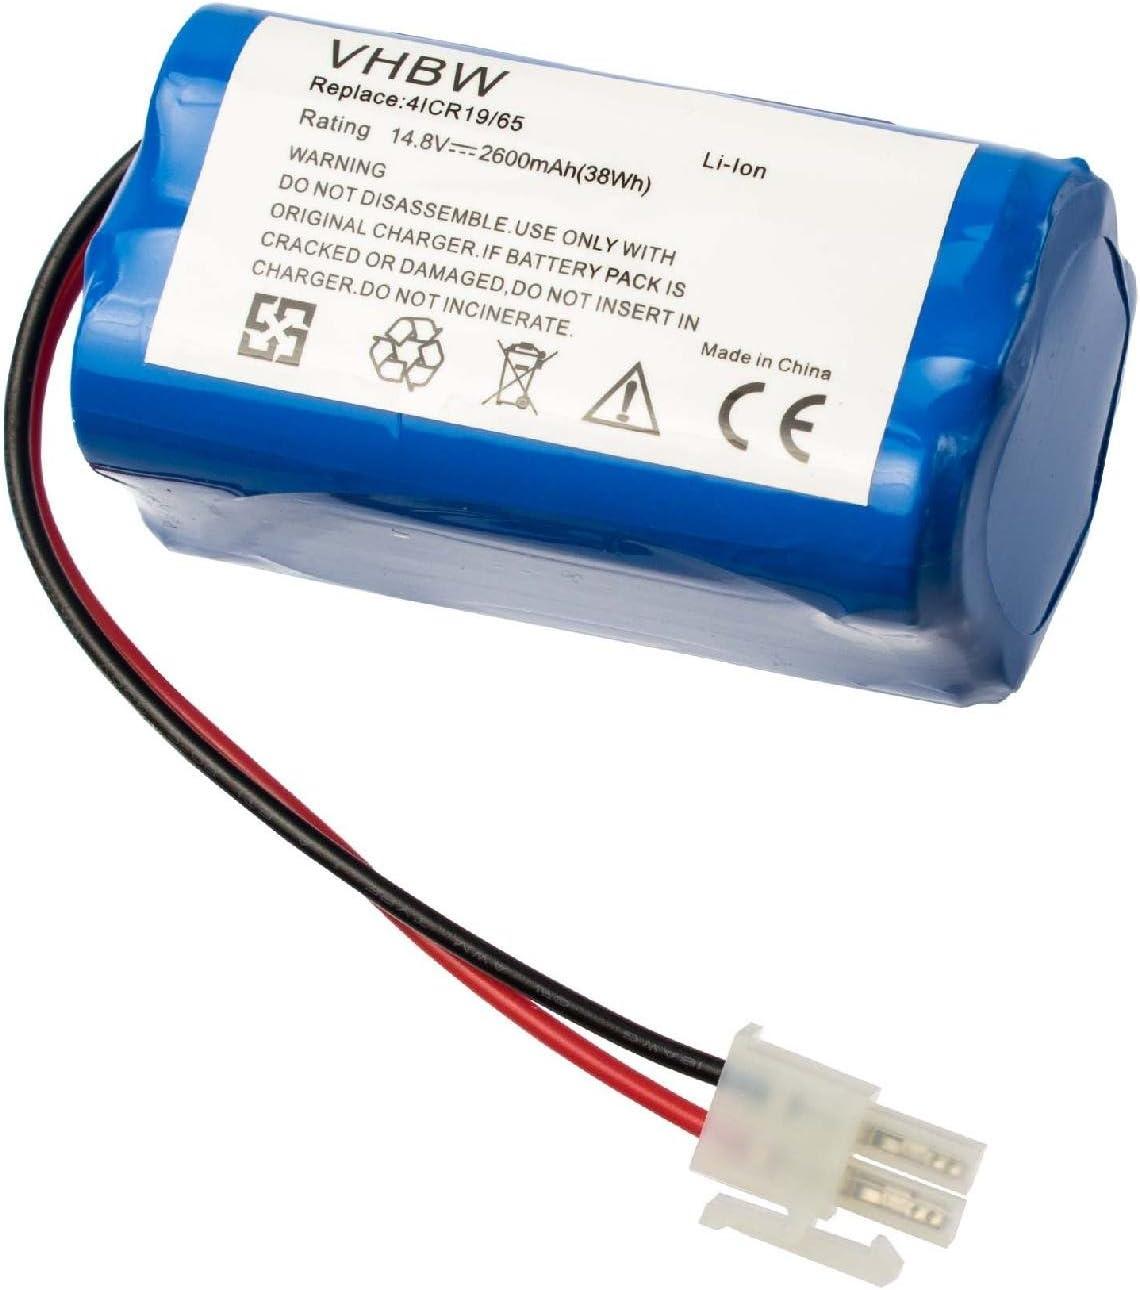 V7s Pro aspiradora V7s Plus vhbw Bater/ía compatible con iLife V7 robot de limpieza 2600mAh, 14.8V, Li-Ion